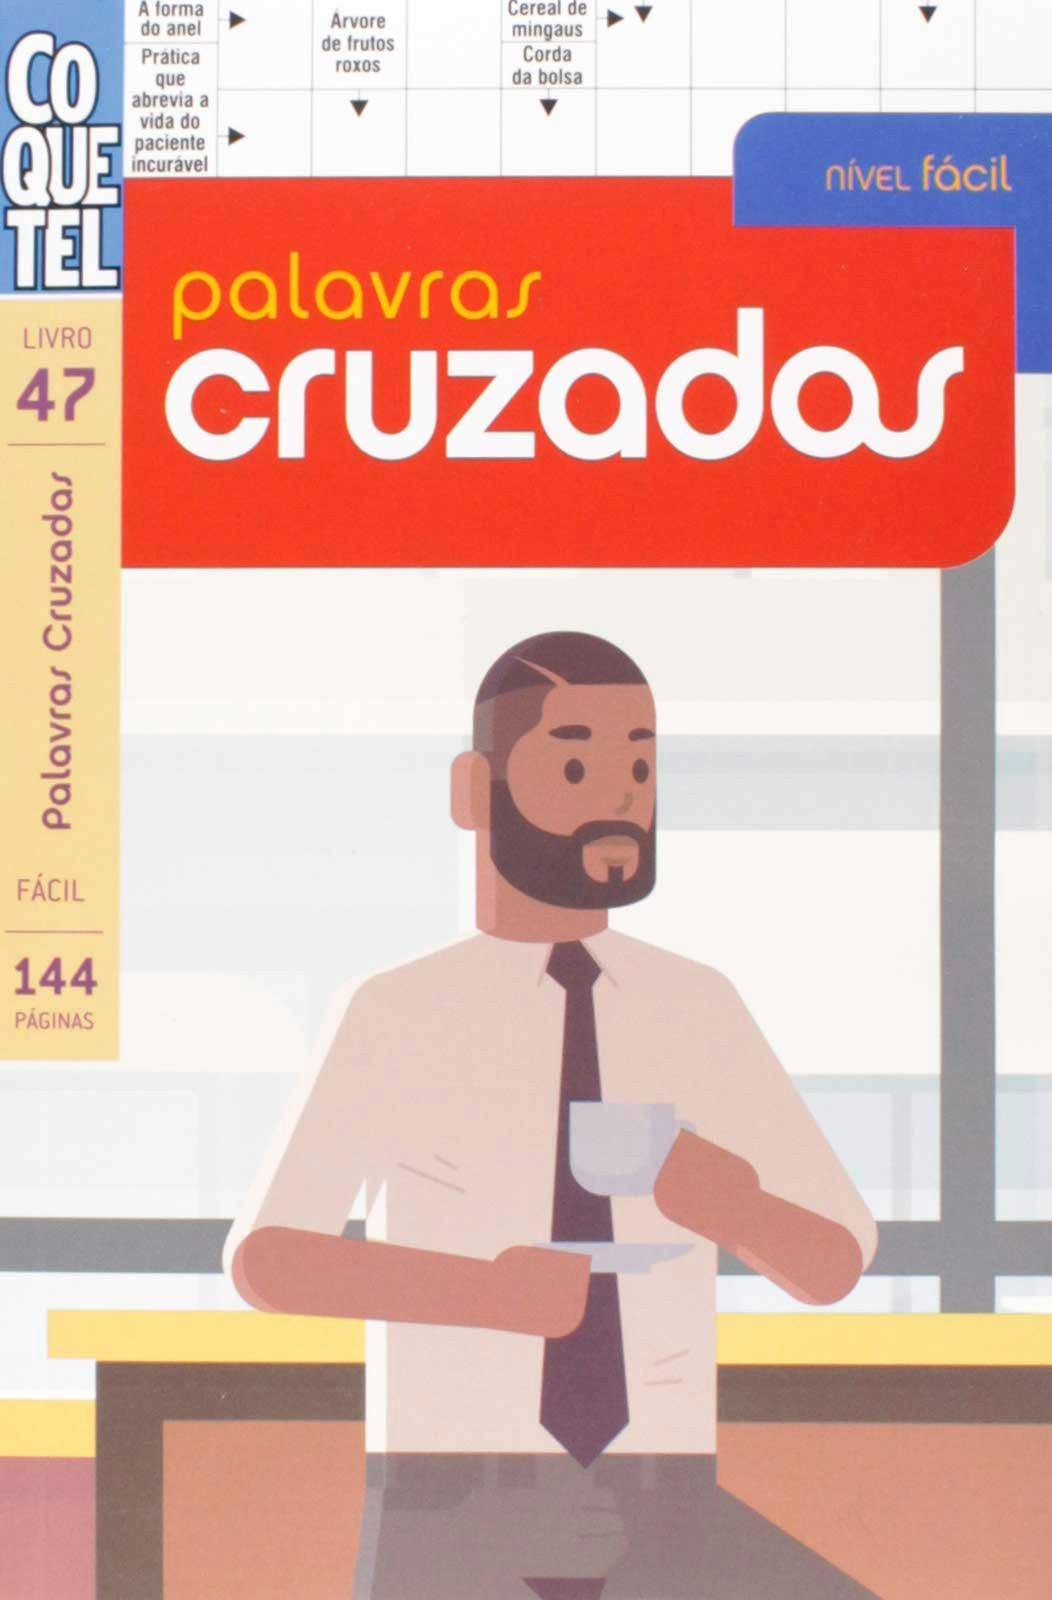 Coquetel: Palavras cruzadas - Livro 47 - Fácil